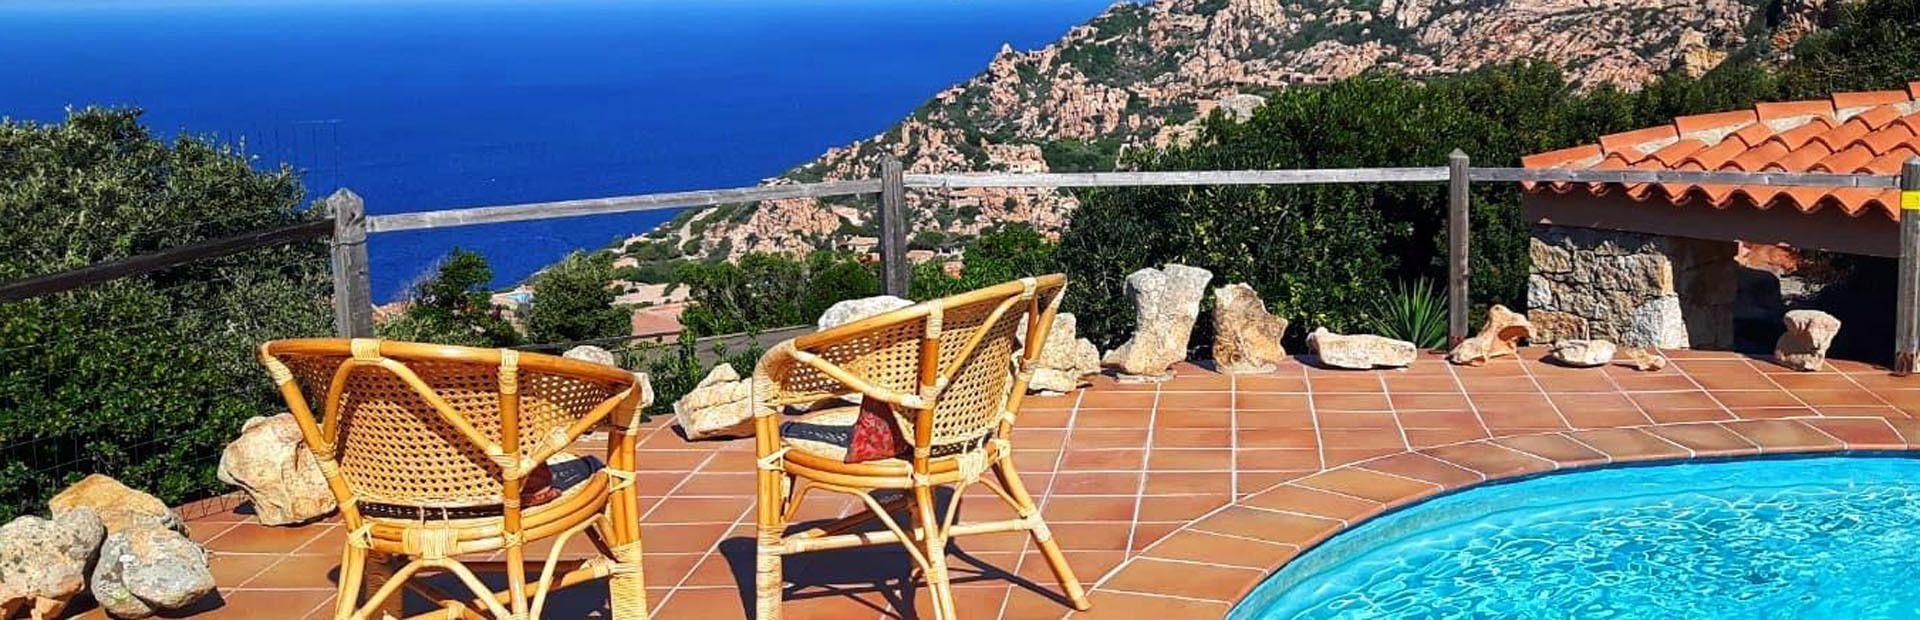 Villa 360°: Sardegna Costa Paradiso Discovery